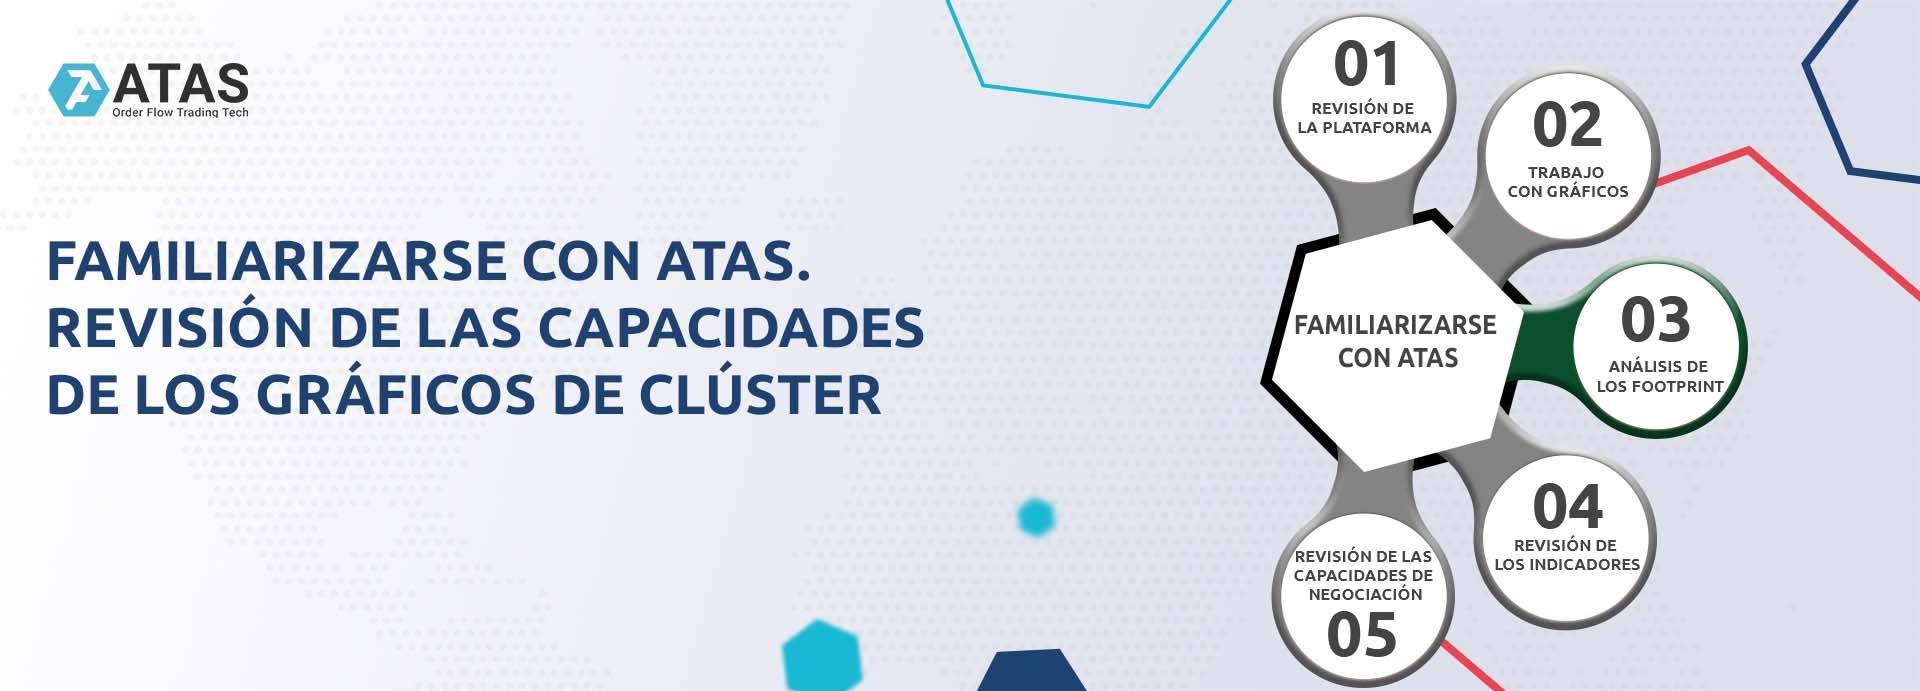 Familiarizarse con ATAS. Revisión de las ventajas y capacidades de los gráficos en la plataforma ATAS